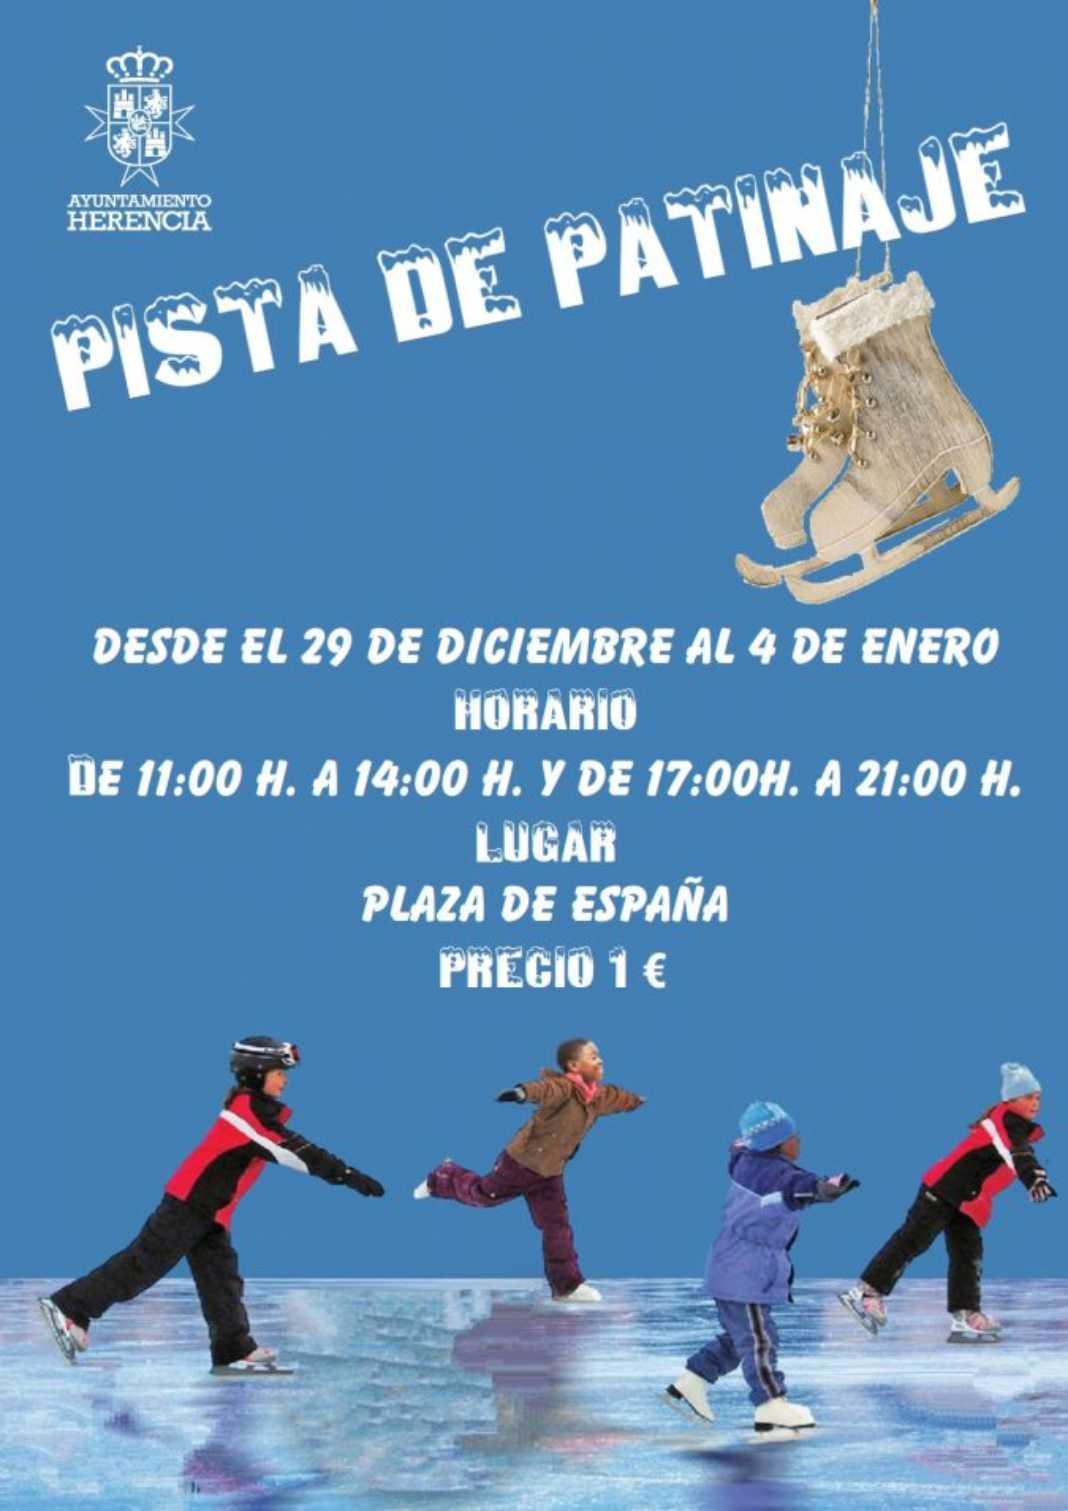 Herencia contará con una pista de patinaje estas Navidades 4